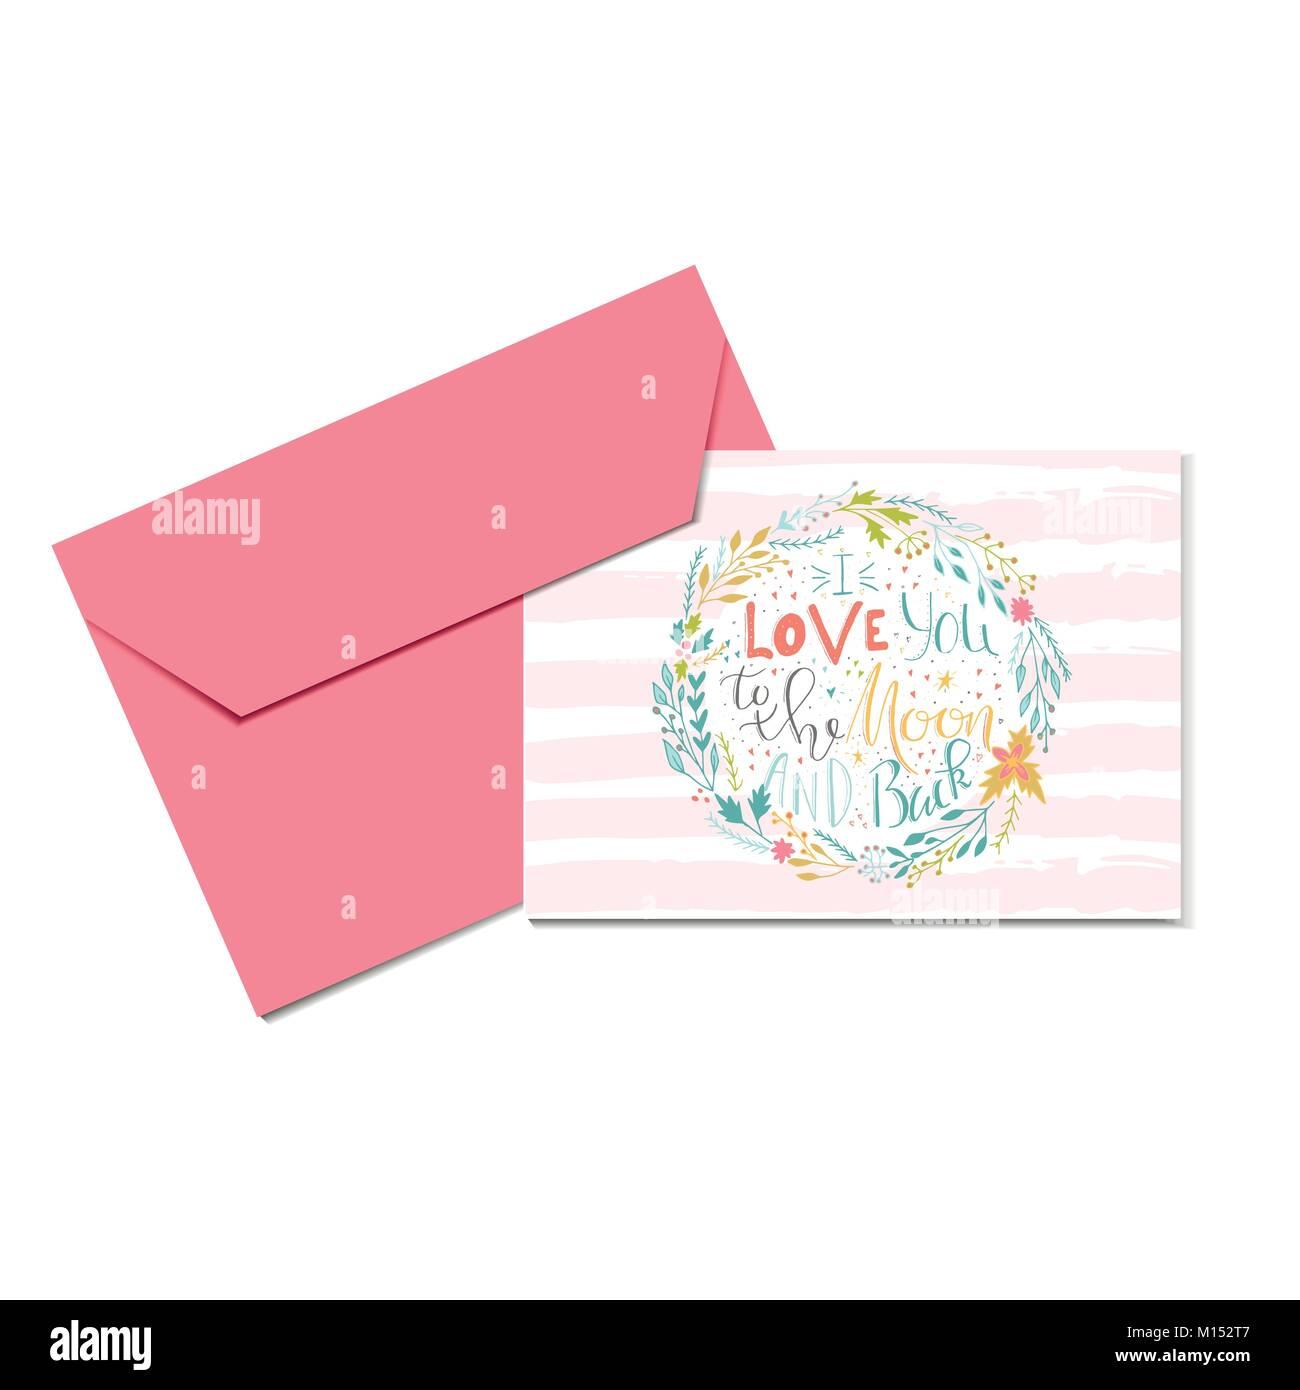 Eitelkeit Ich Liebe Dich Bis Zum Mond Das Beste Von Schönen Valentinstag Geschenk Karte Mit Kranz Herz